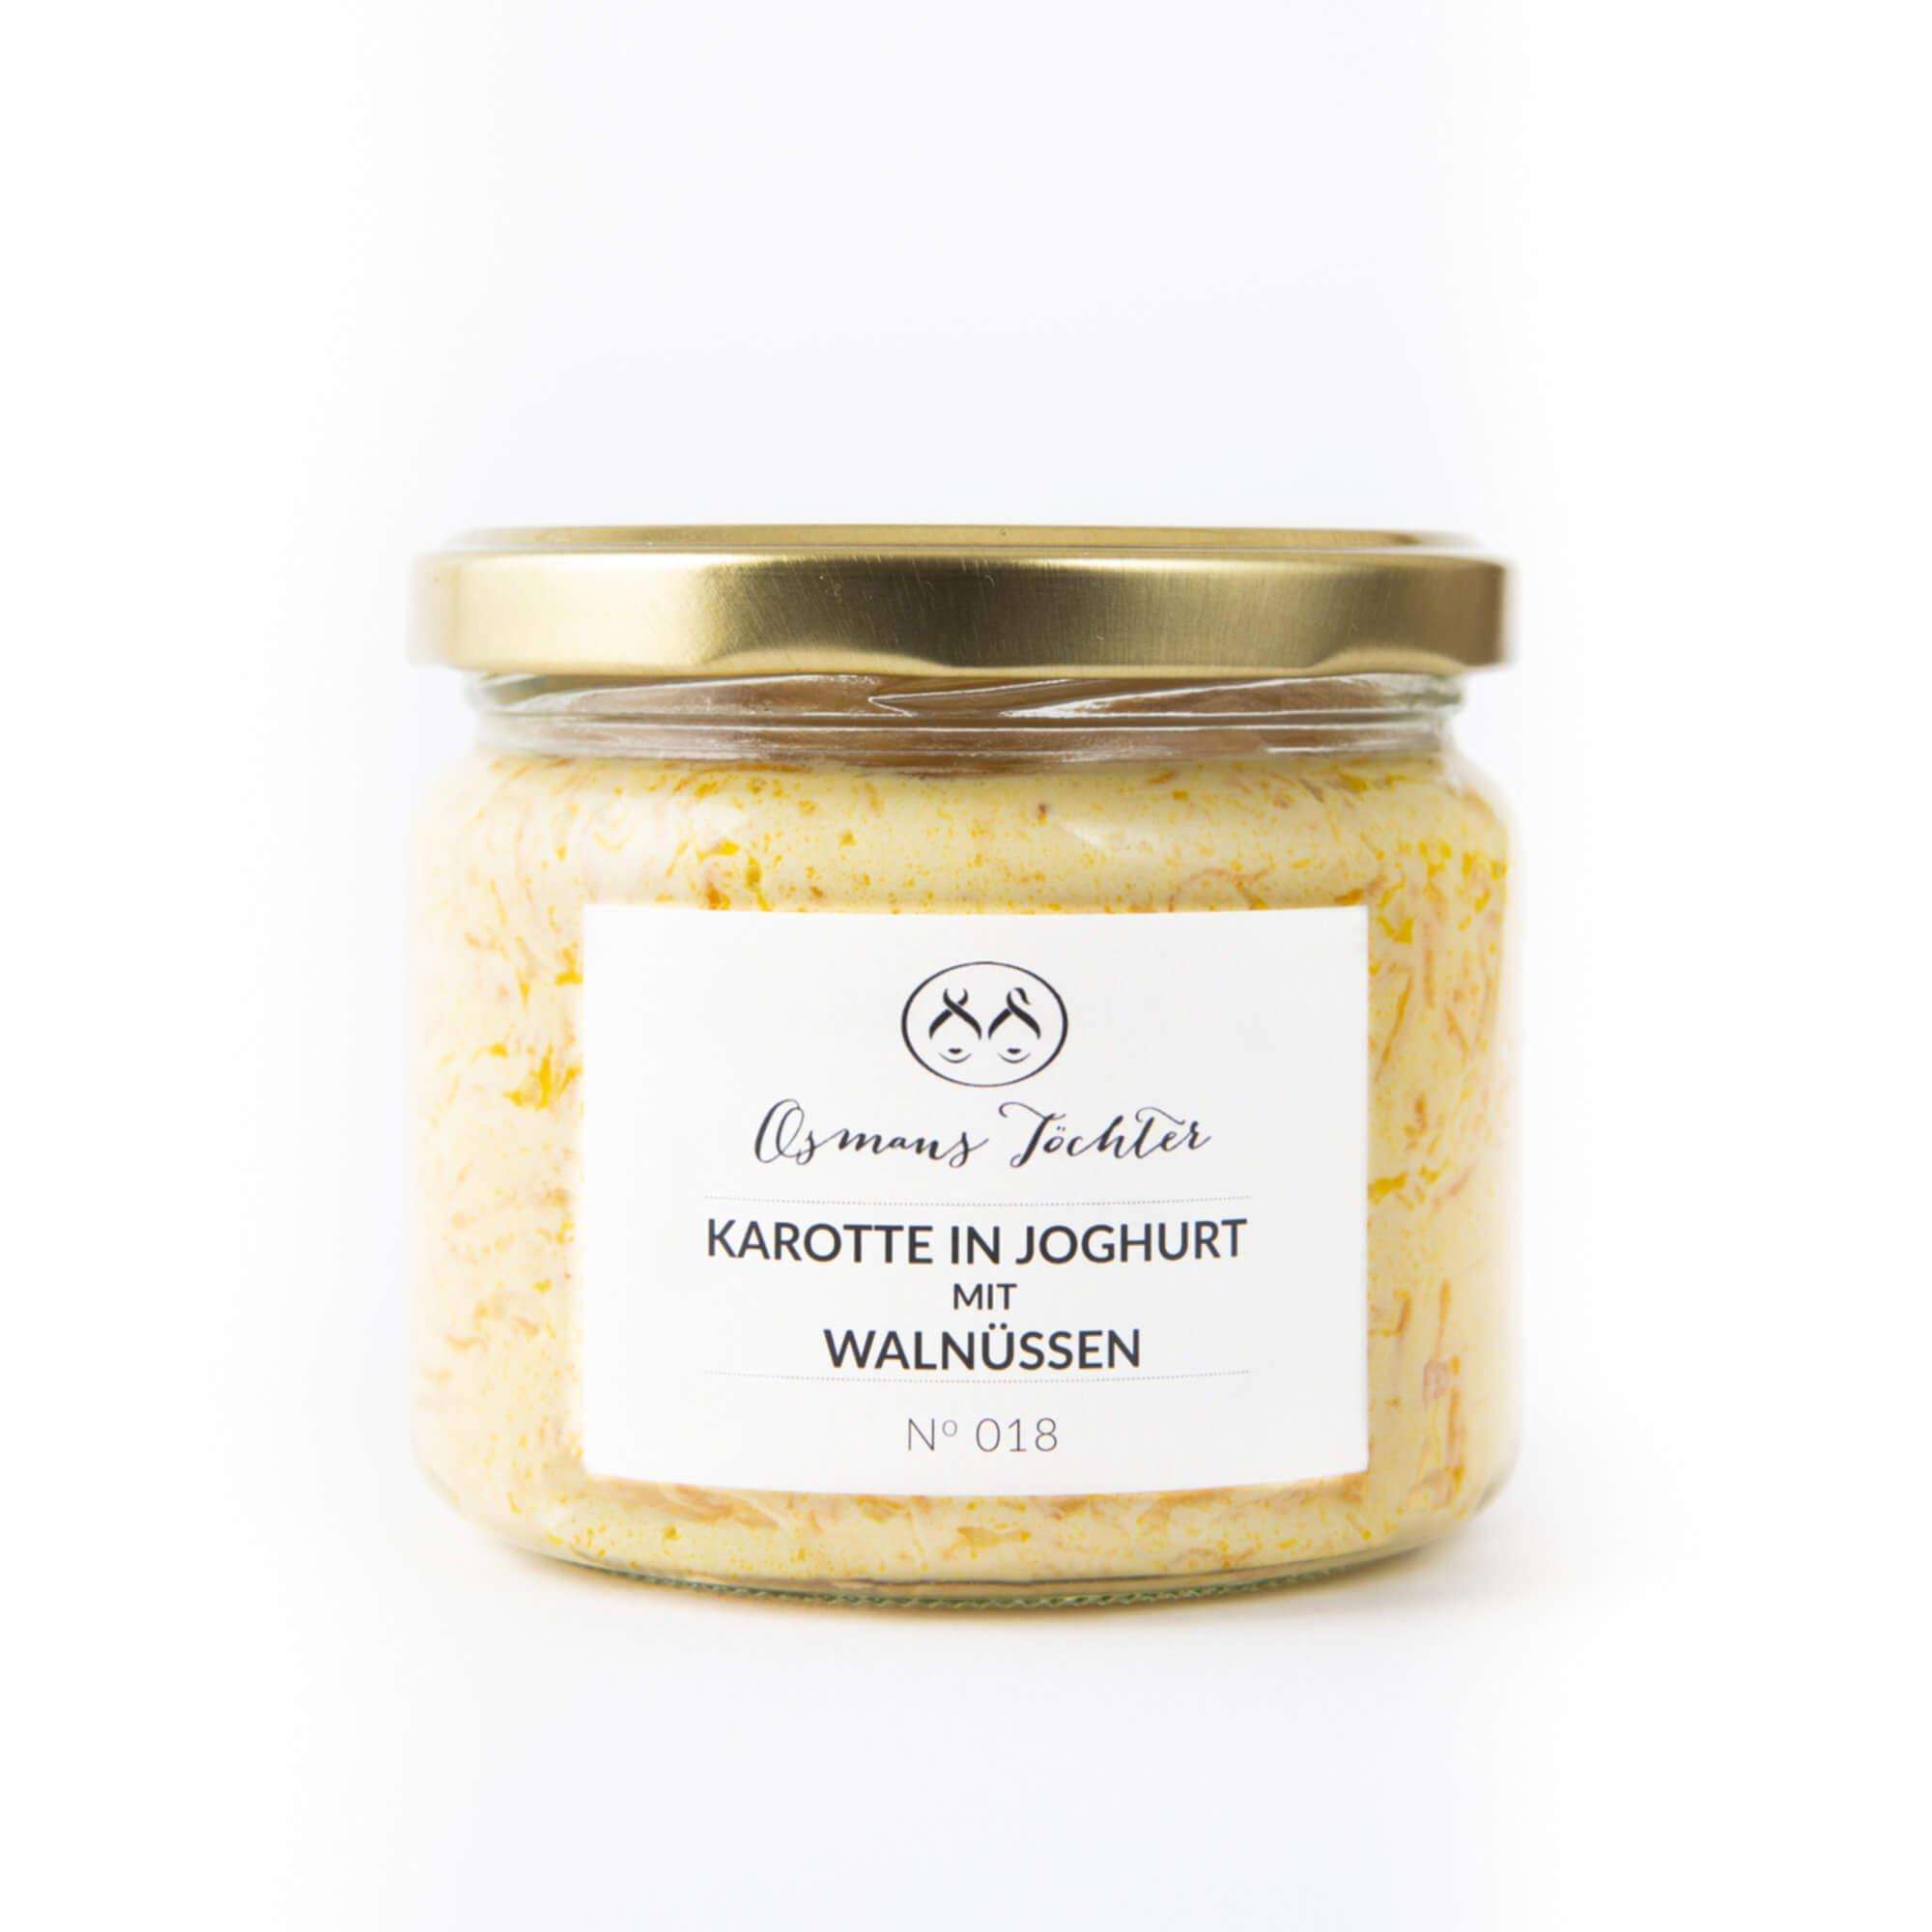 Karotte in Joghurt mit Walnüssen im Glas geschlossen von vorne